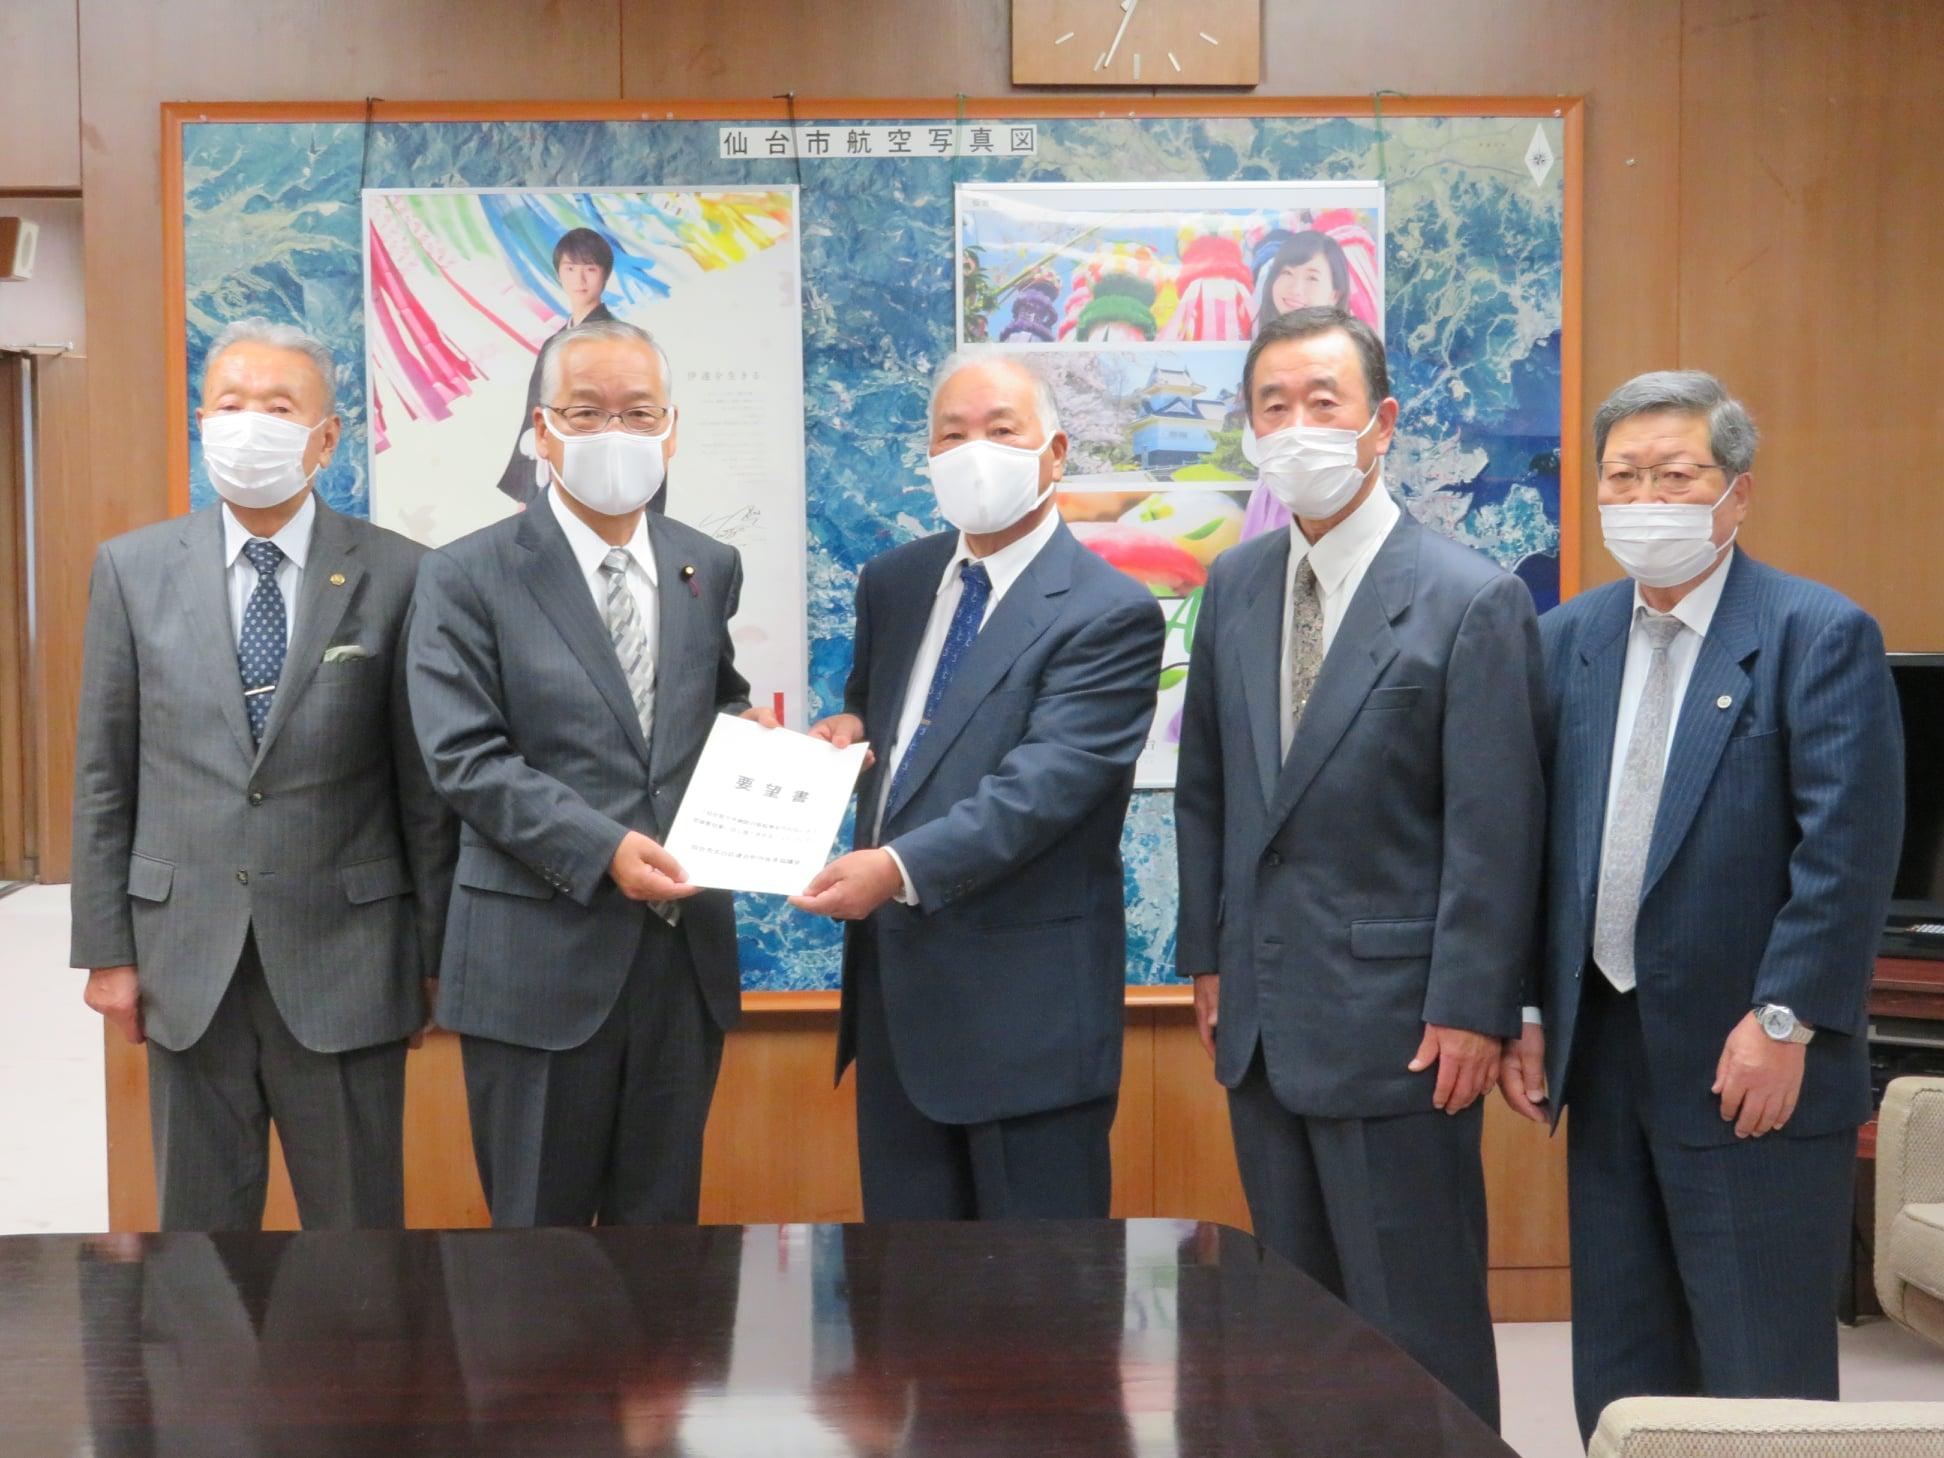 令和2年10月14日 仙台市太白区連合町内会長協議会より仙台赤十字病院の移転・廃止の要望がありました。